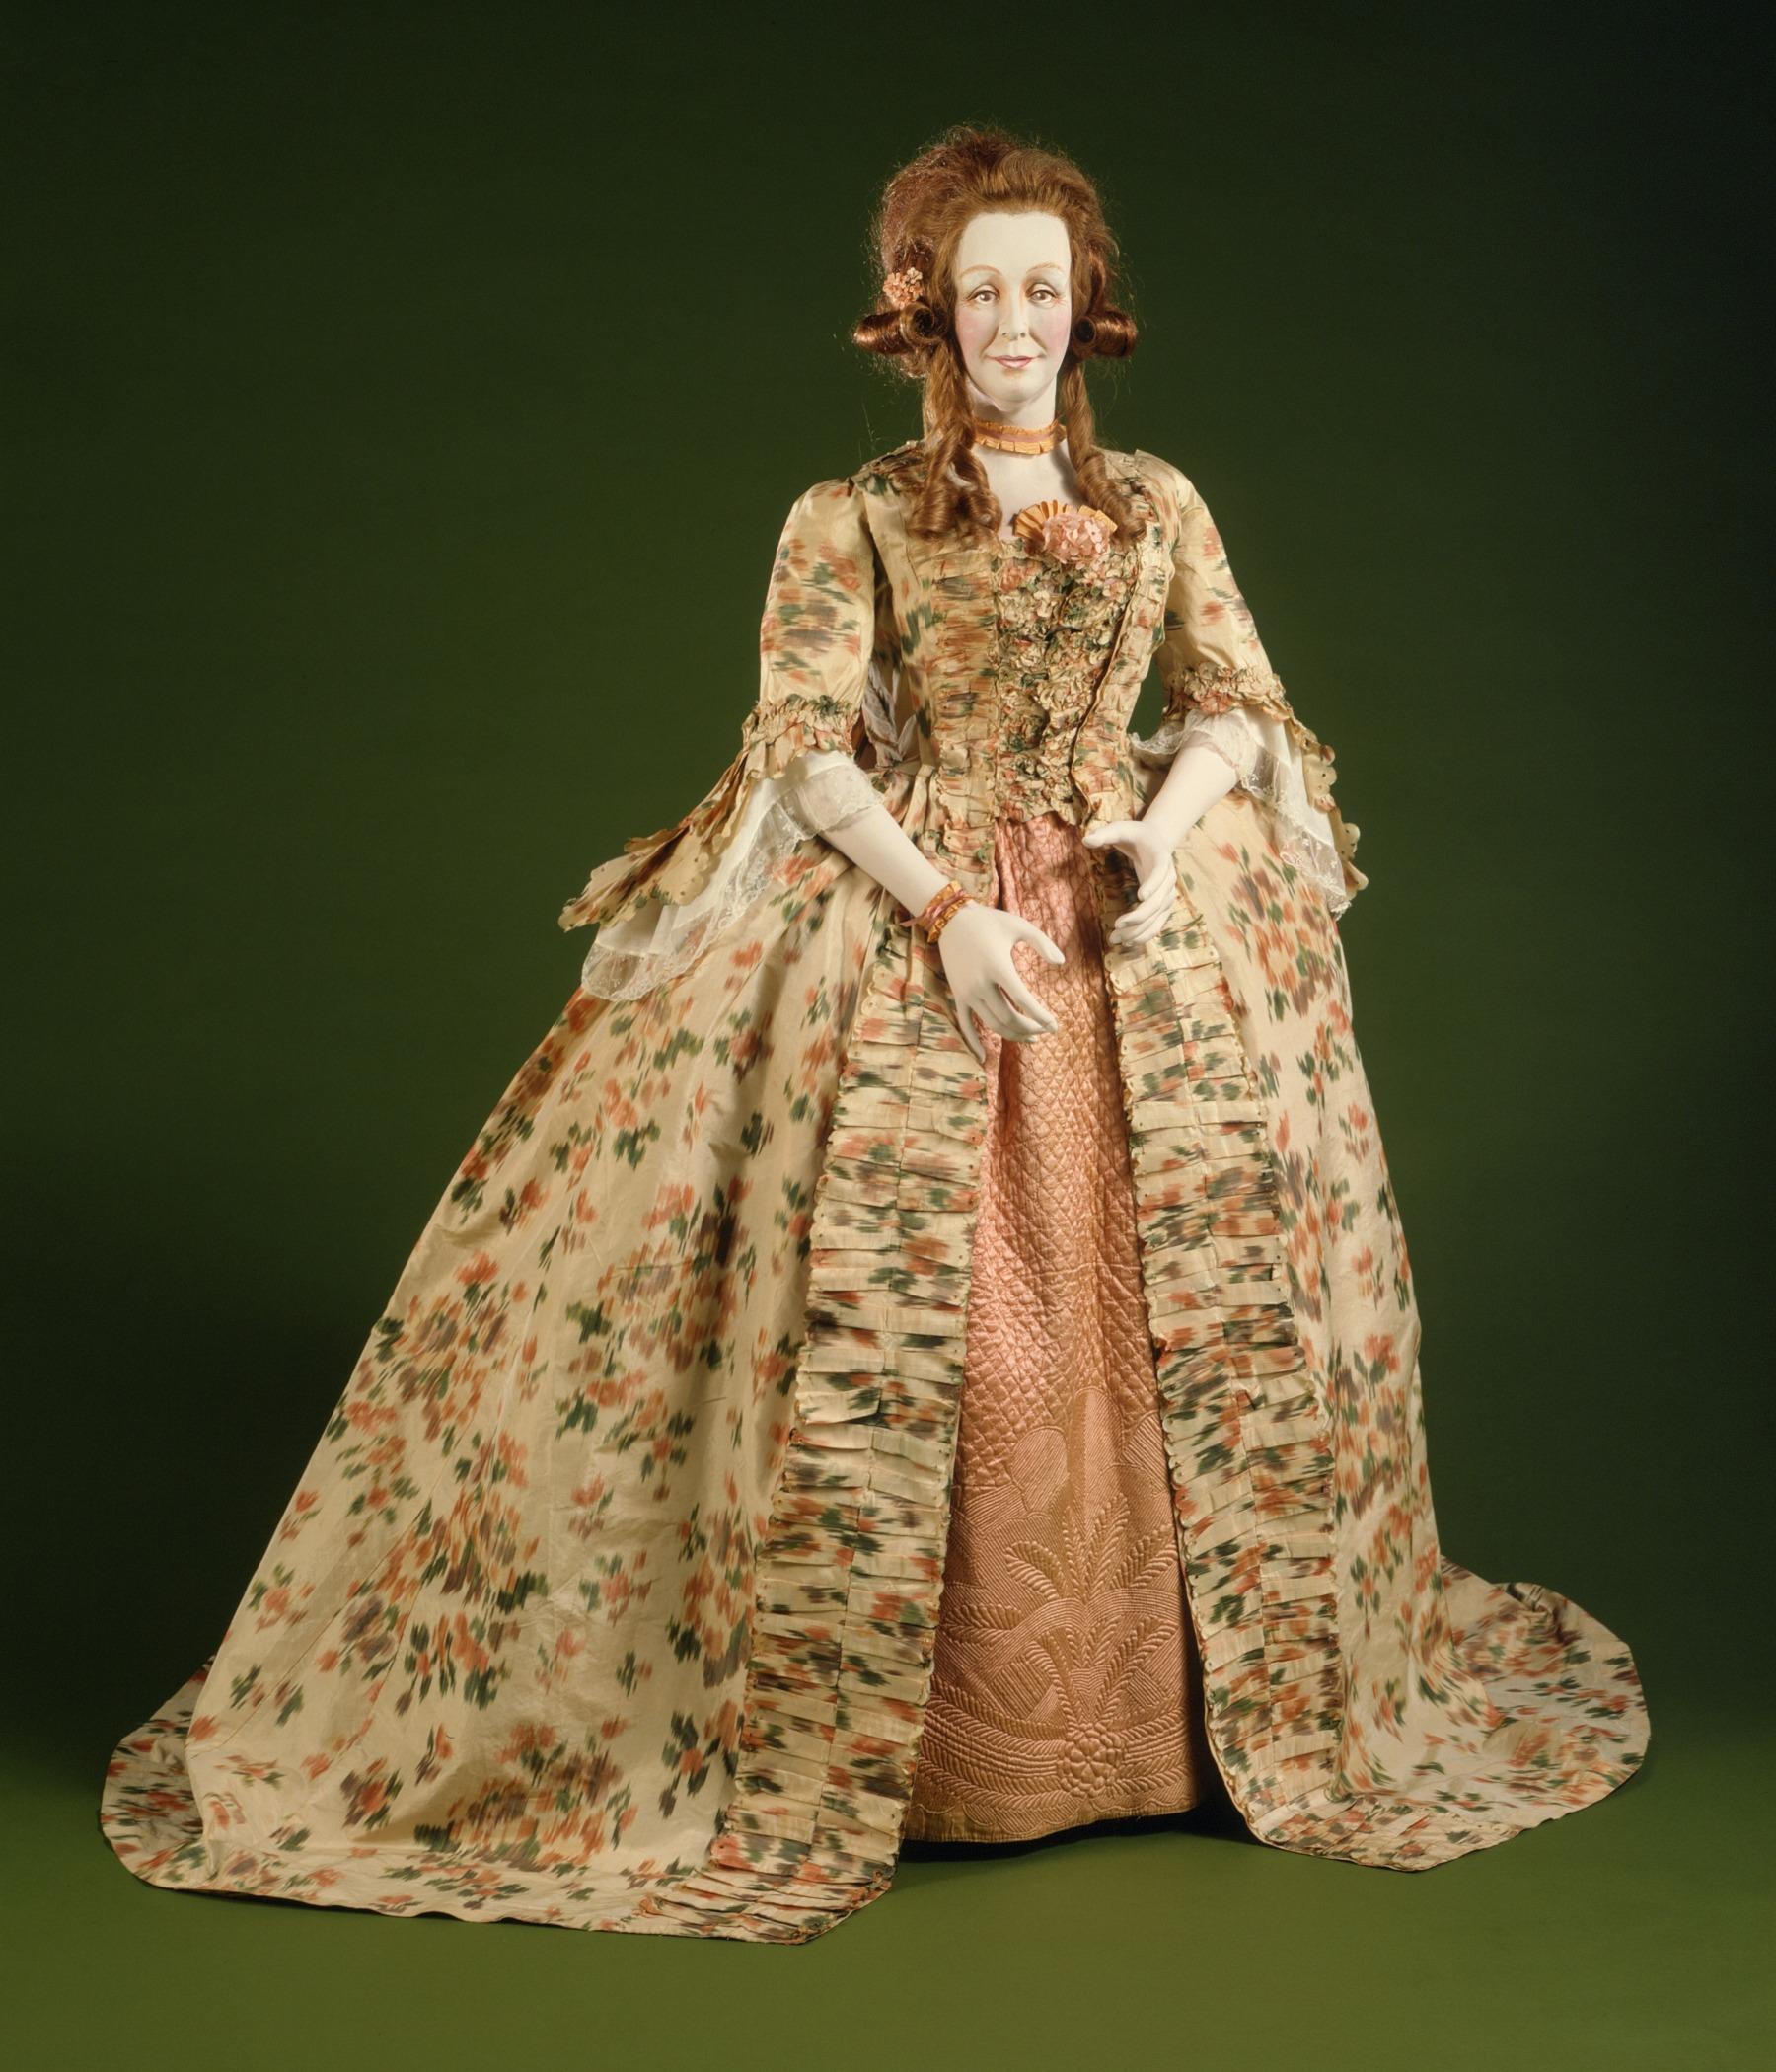 Robe A La Francaise: File:Woman's Robe A La Francaise (Sack Gown) LACMA M.60.36